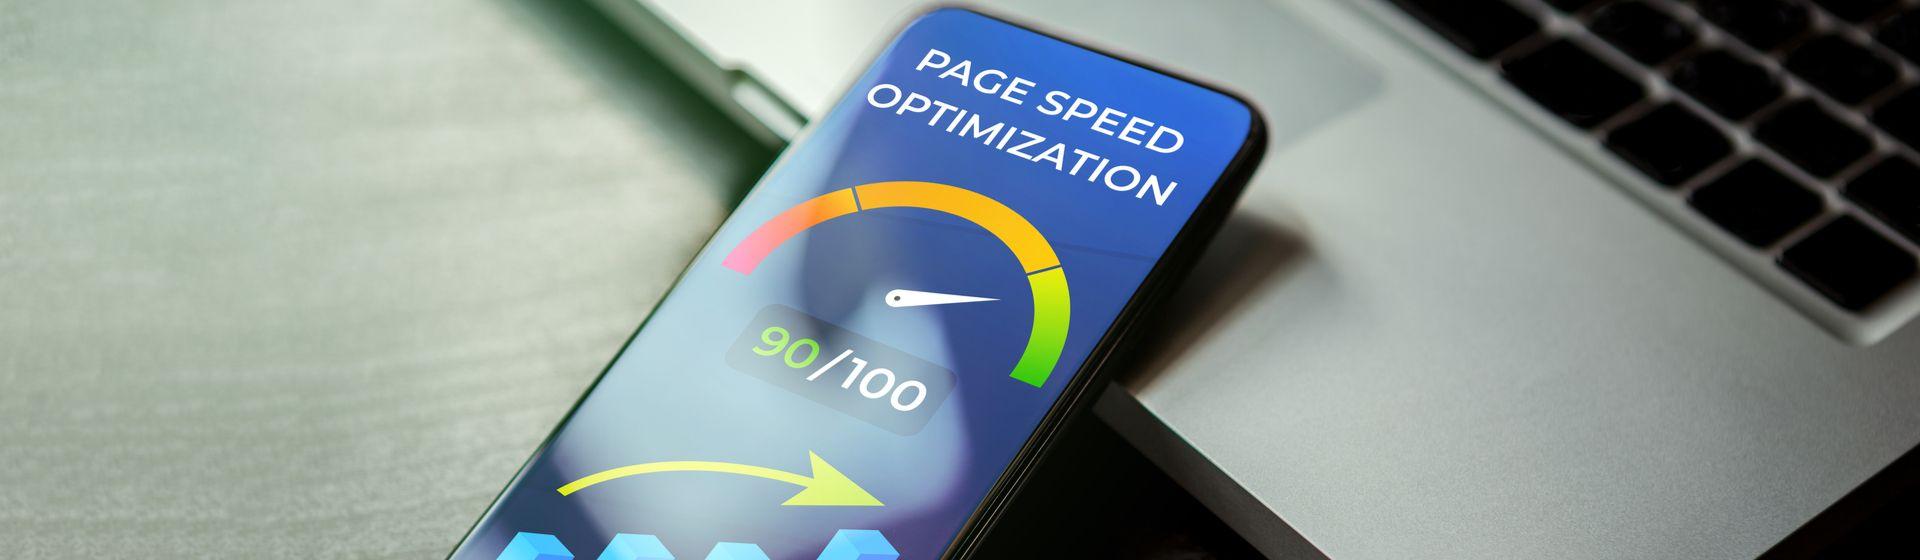 Como fazer teste de velocidade de internet? Veja o tutorial